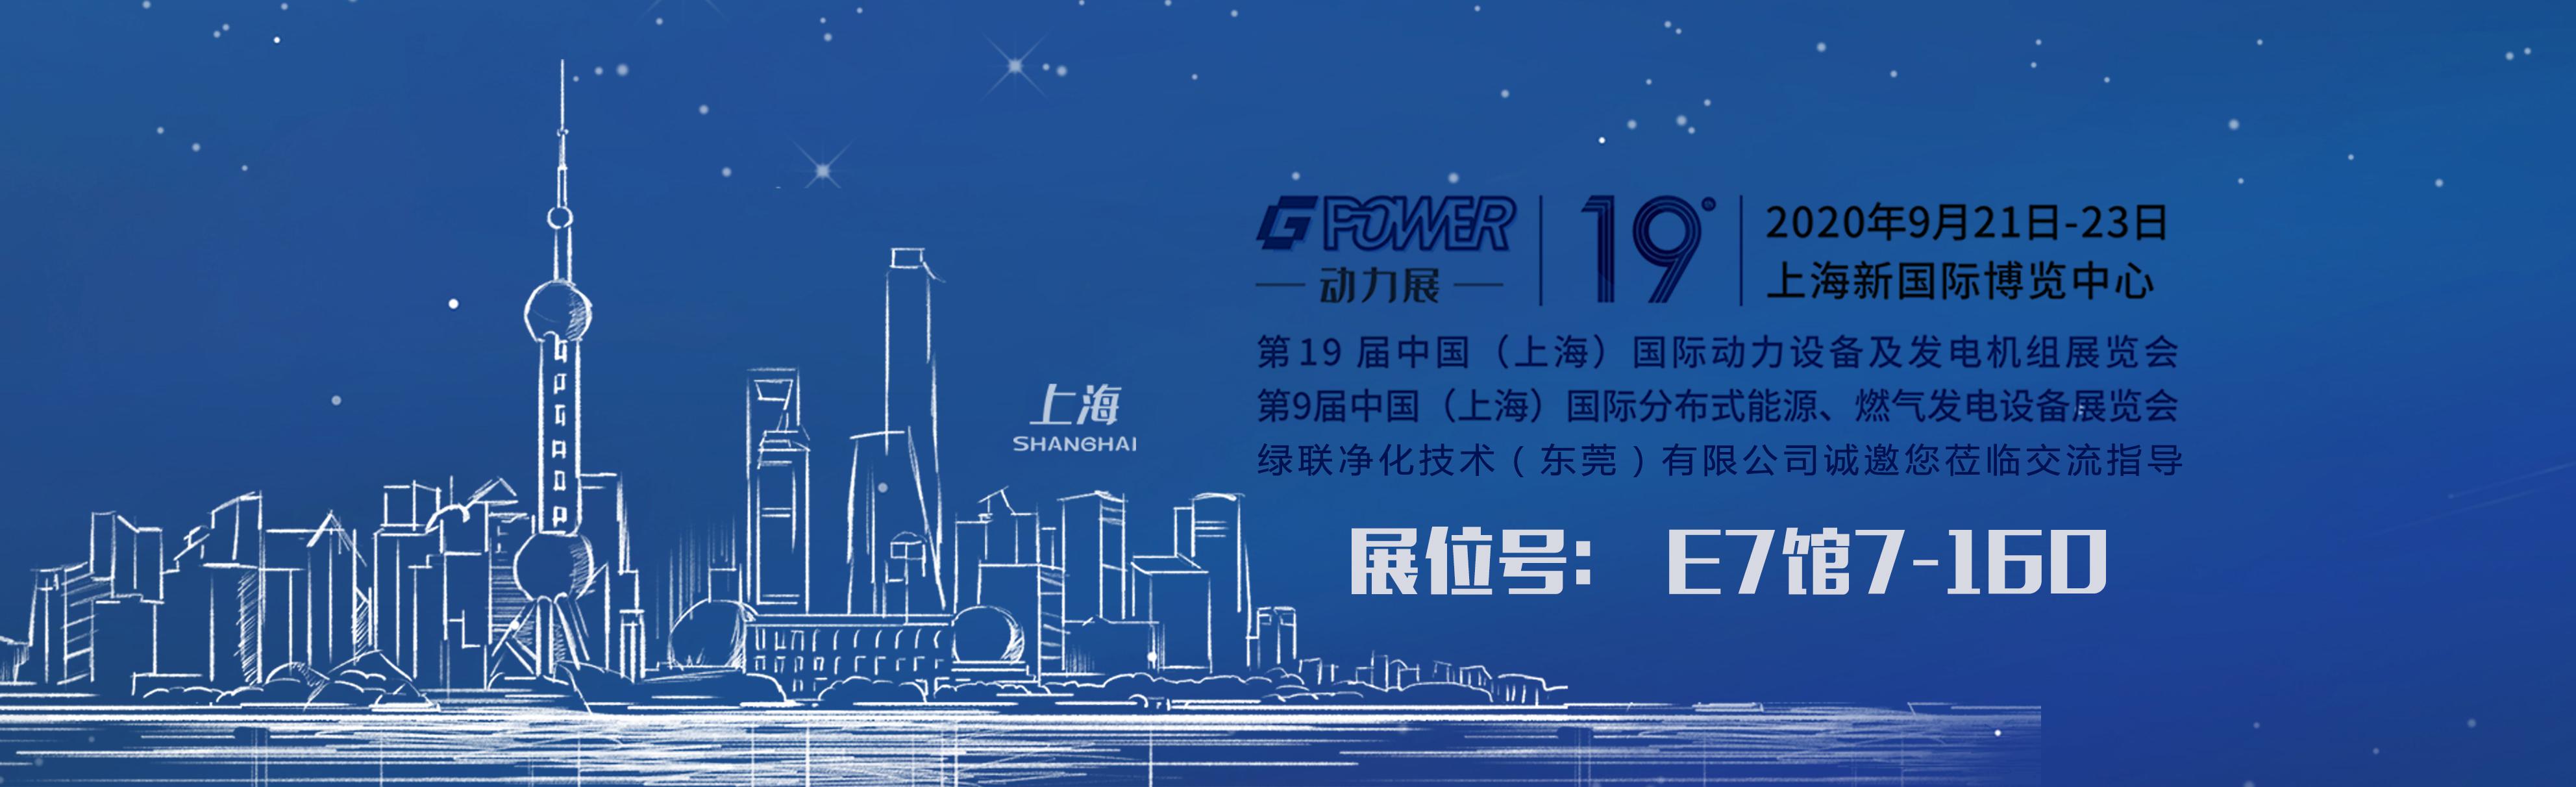 上海国际动力展